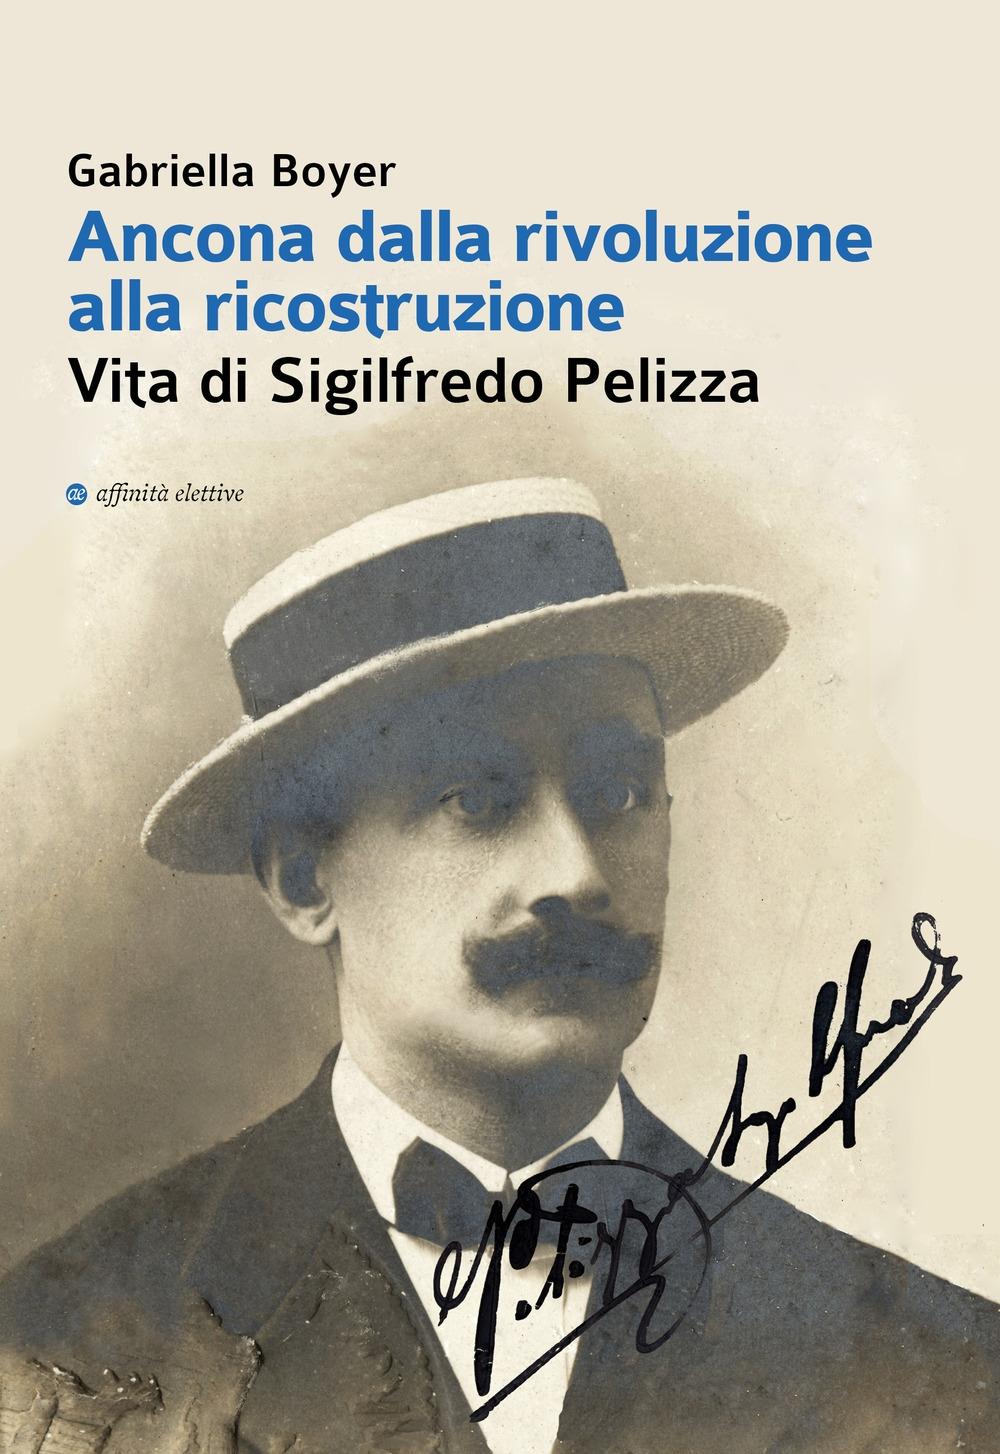 Ancona dalla rivoluzione alla ricostruzione. Vita di Sigilfredo Pelizza